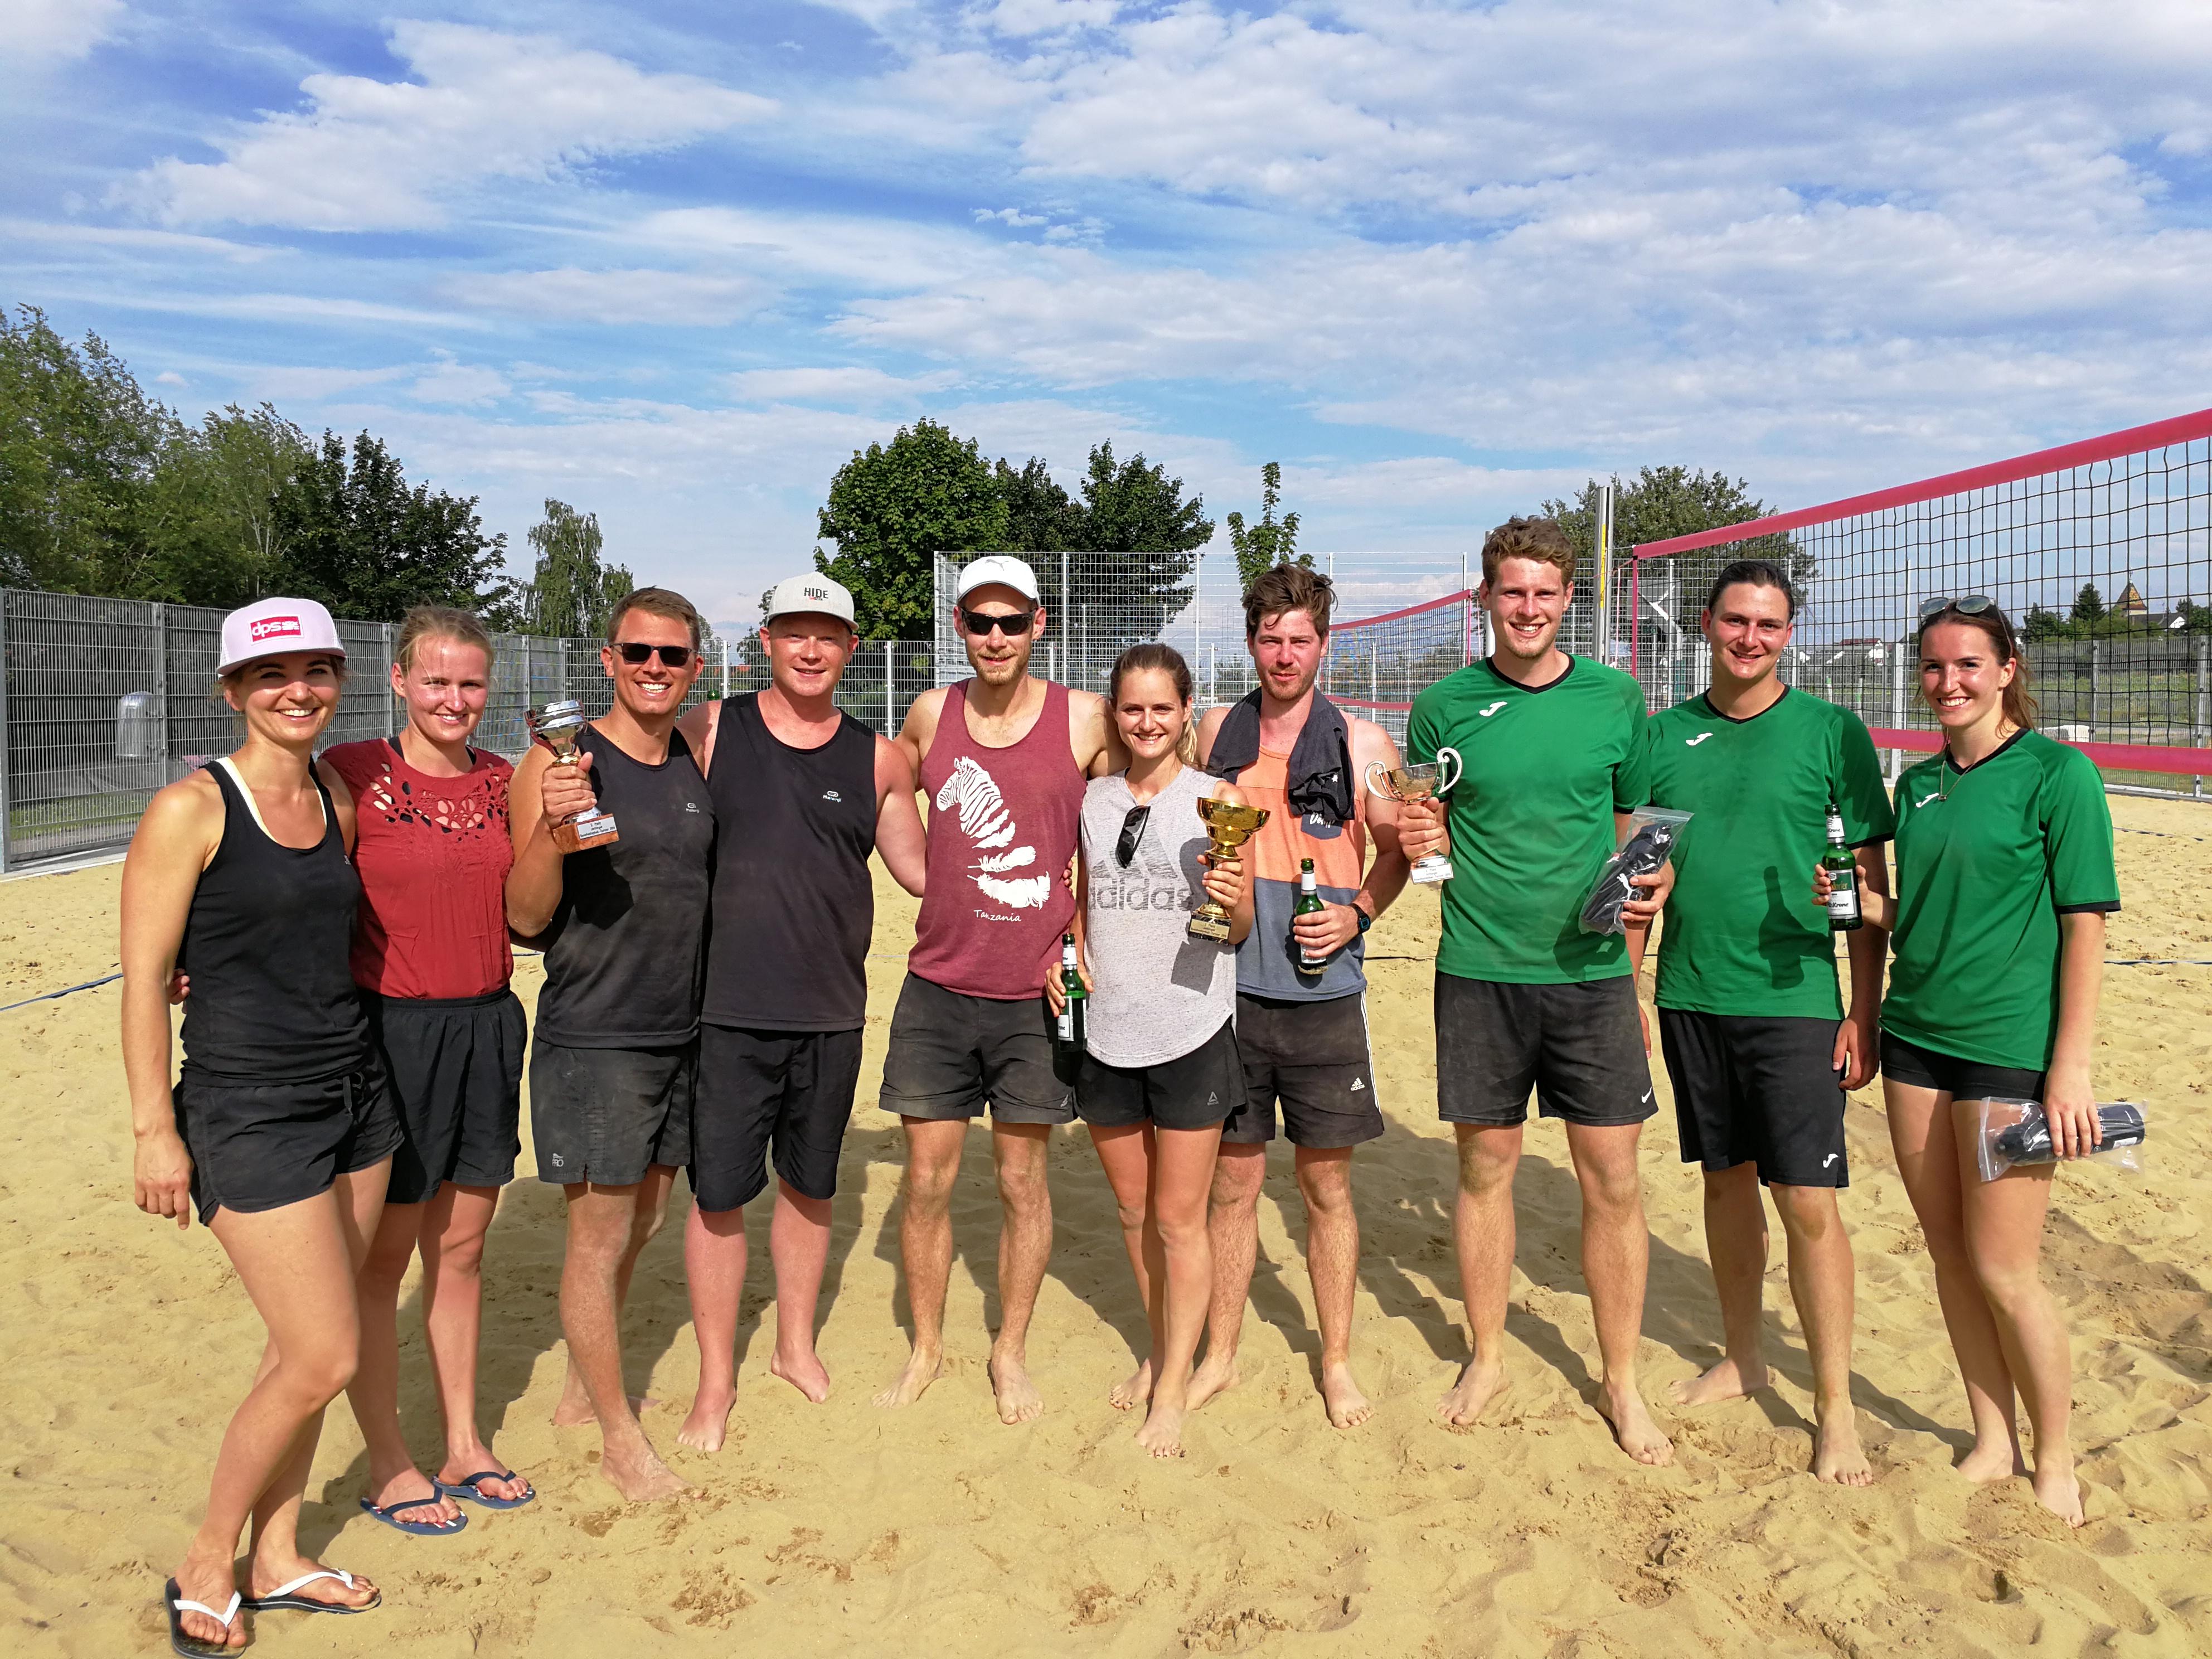 Beachvolleyball in Jettingen – Turnier auf neuer Freizeitanlage ein voller Erfolg